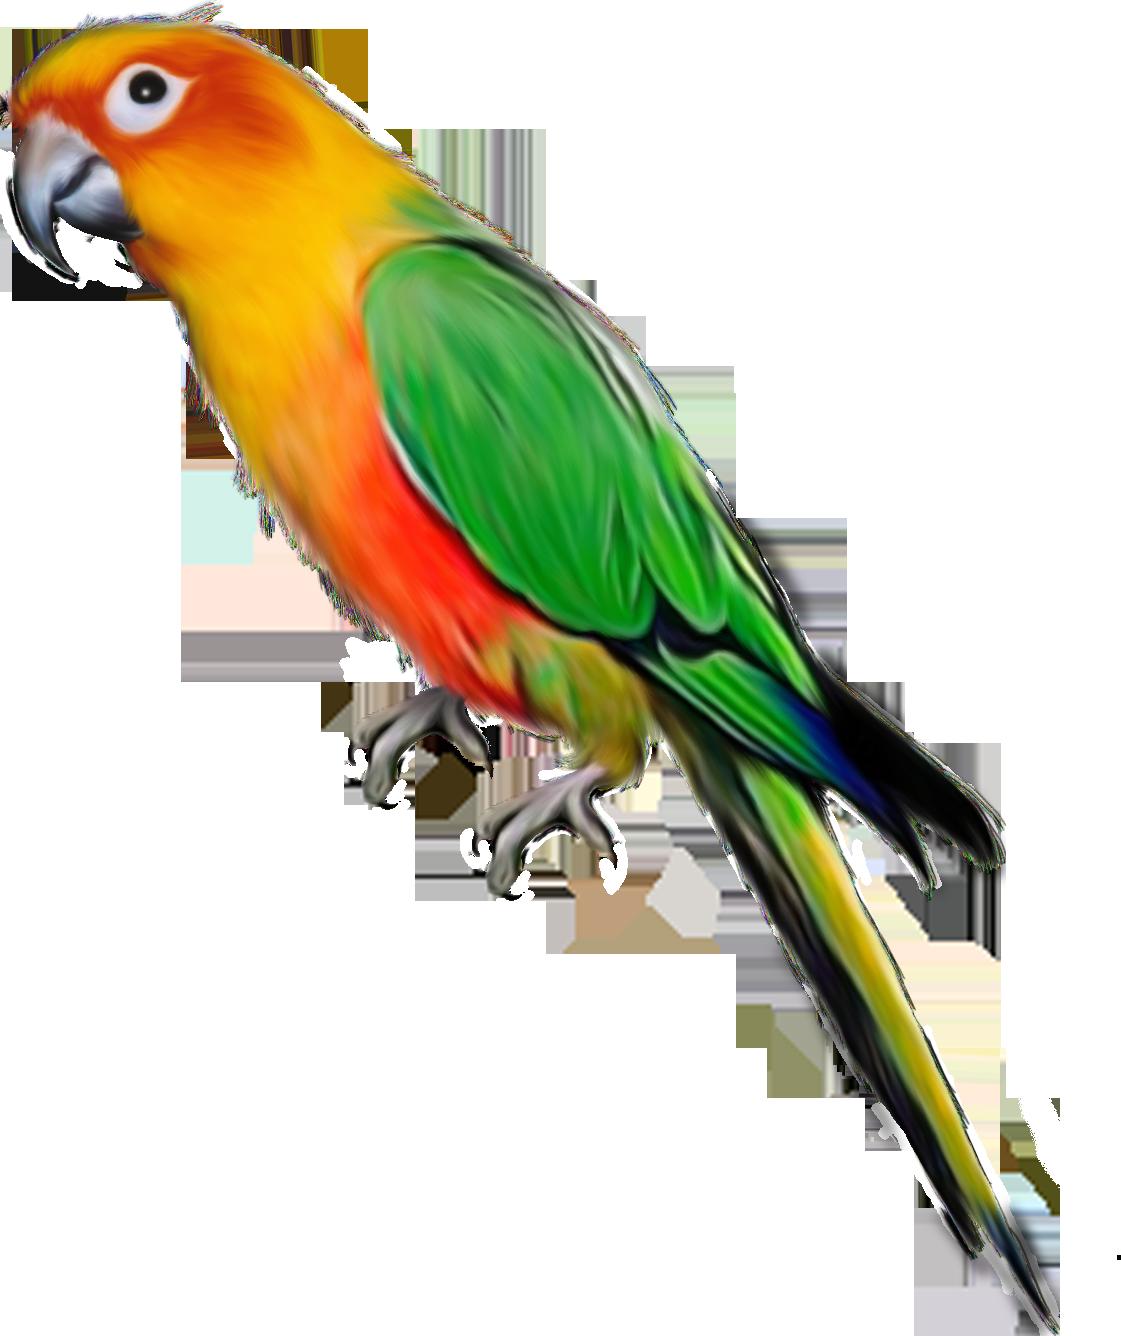 PNG Oiseau - 77788